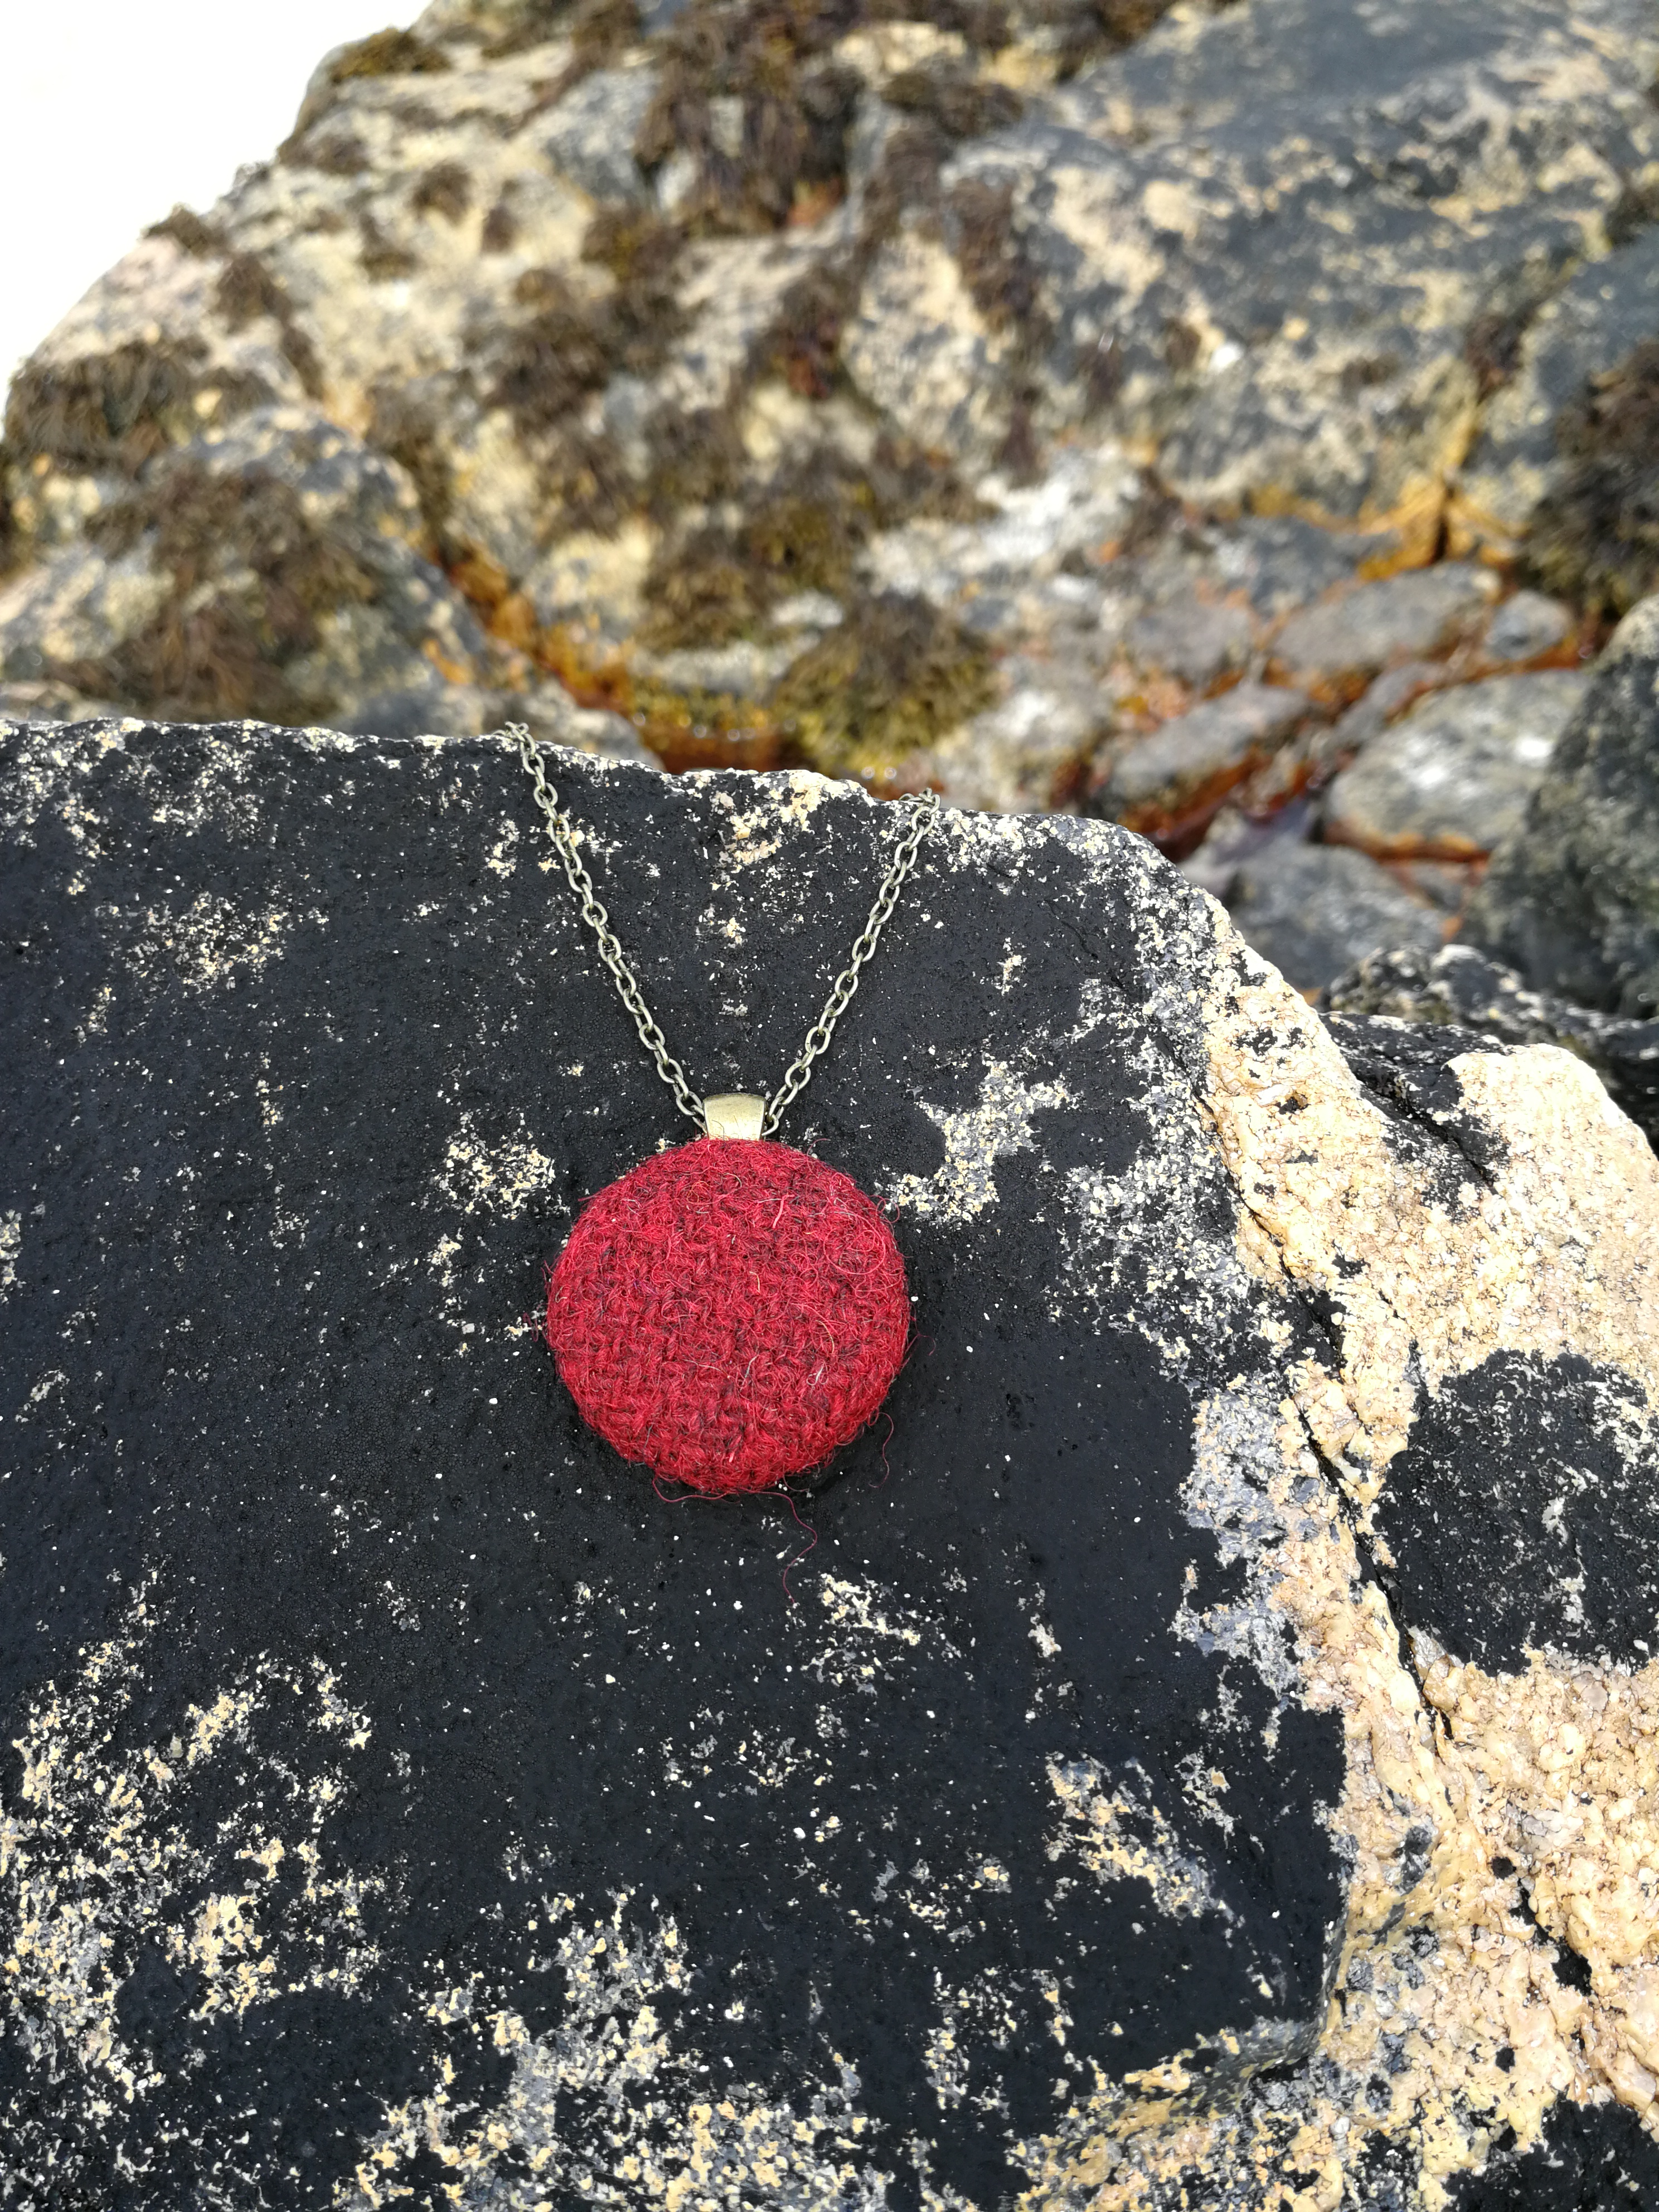 Red Harris Tweed pendant